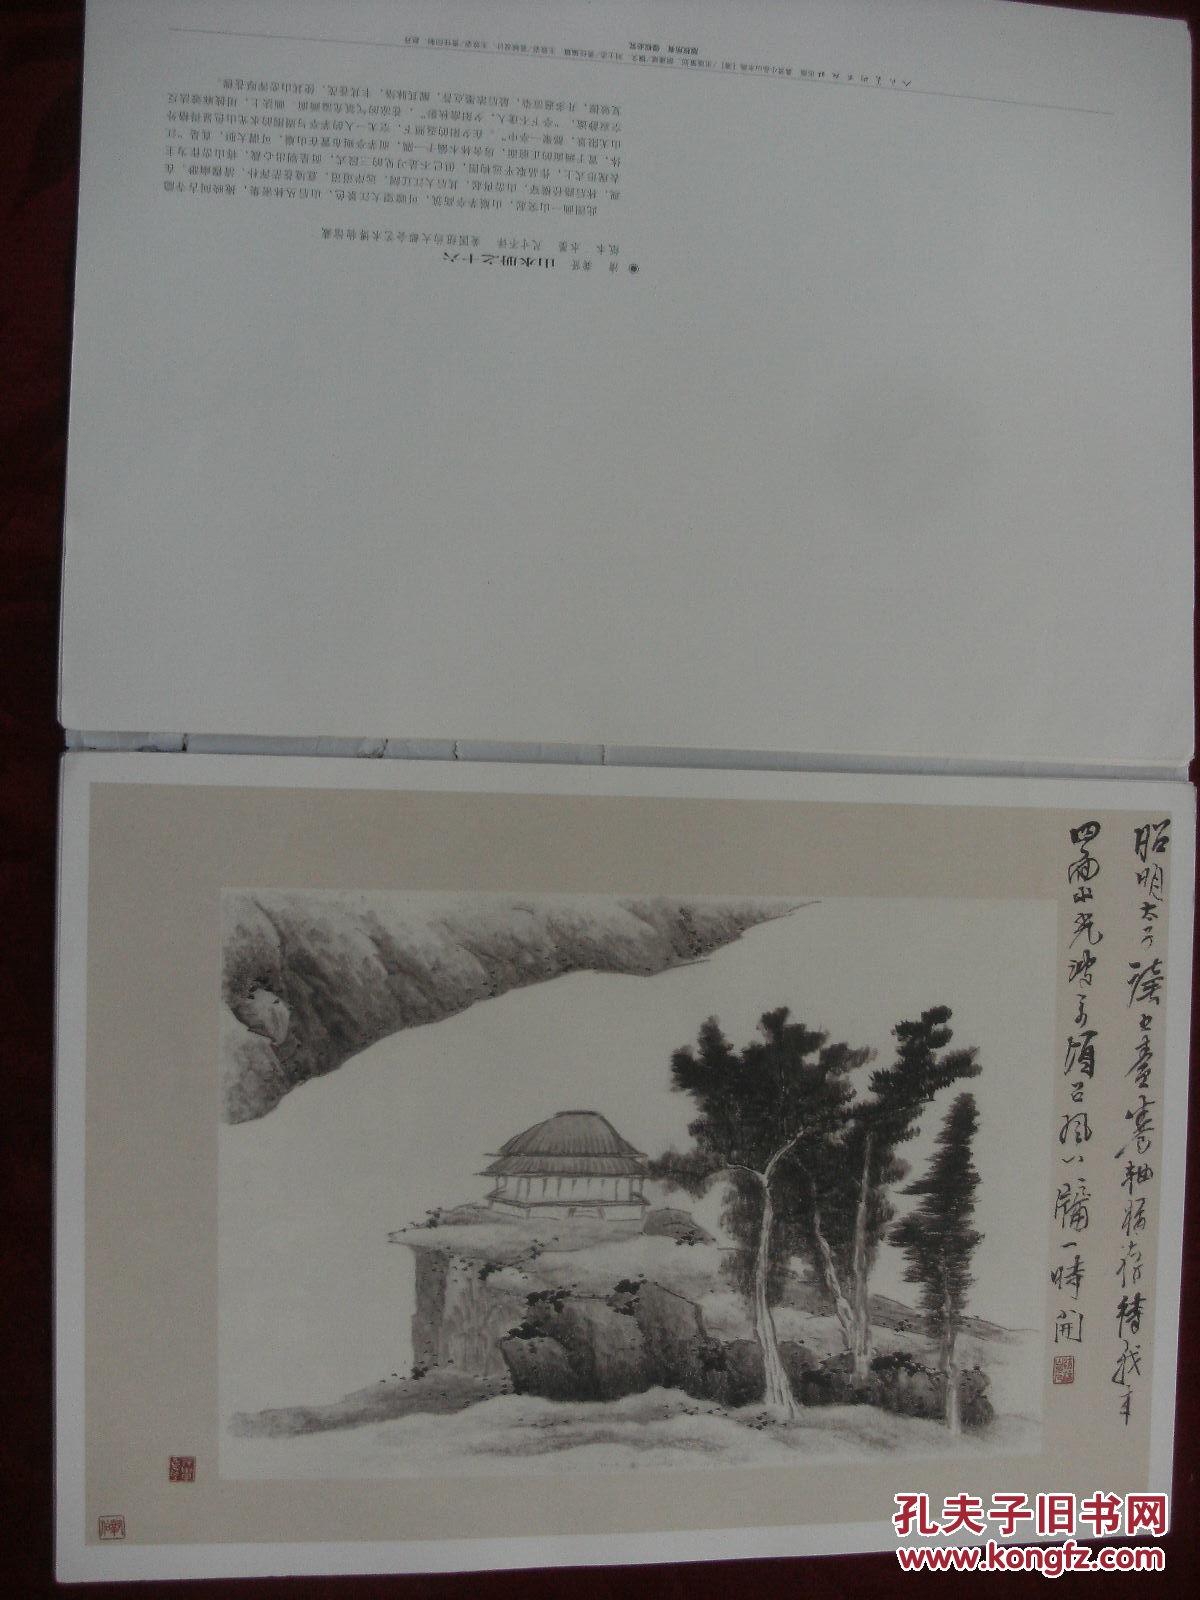 龚贤小品山水画 清,共24张]图片